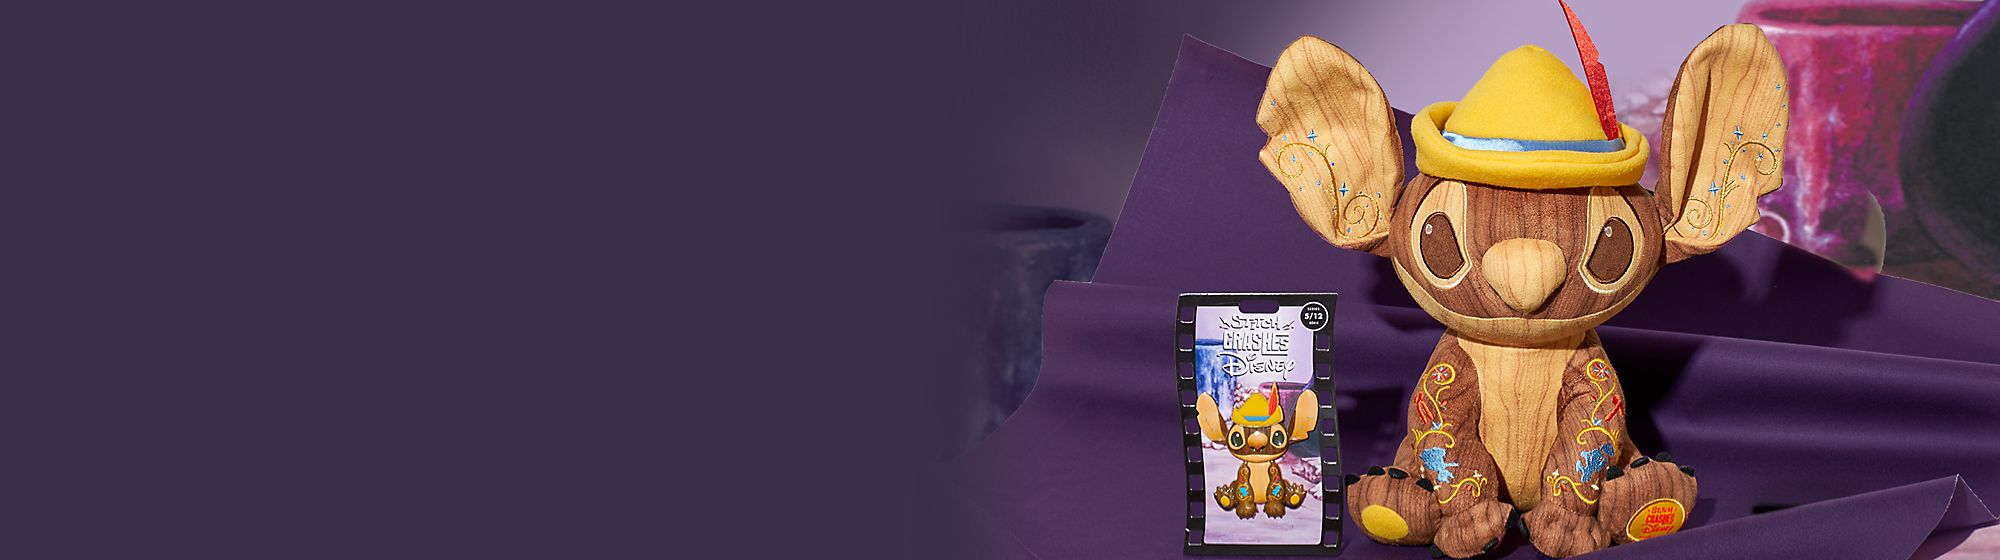 Stitch Crashes Pinocchio Sammle Anstecknadel und Kuscheltier der Serie 5 von 12 in limitierter Edition  Erhältlich ab dem 18. mai 2021